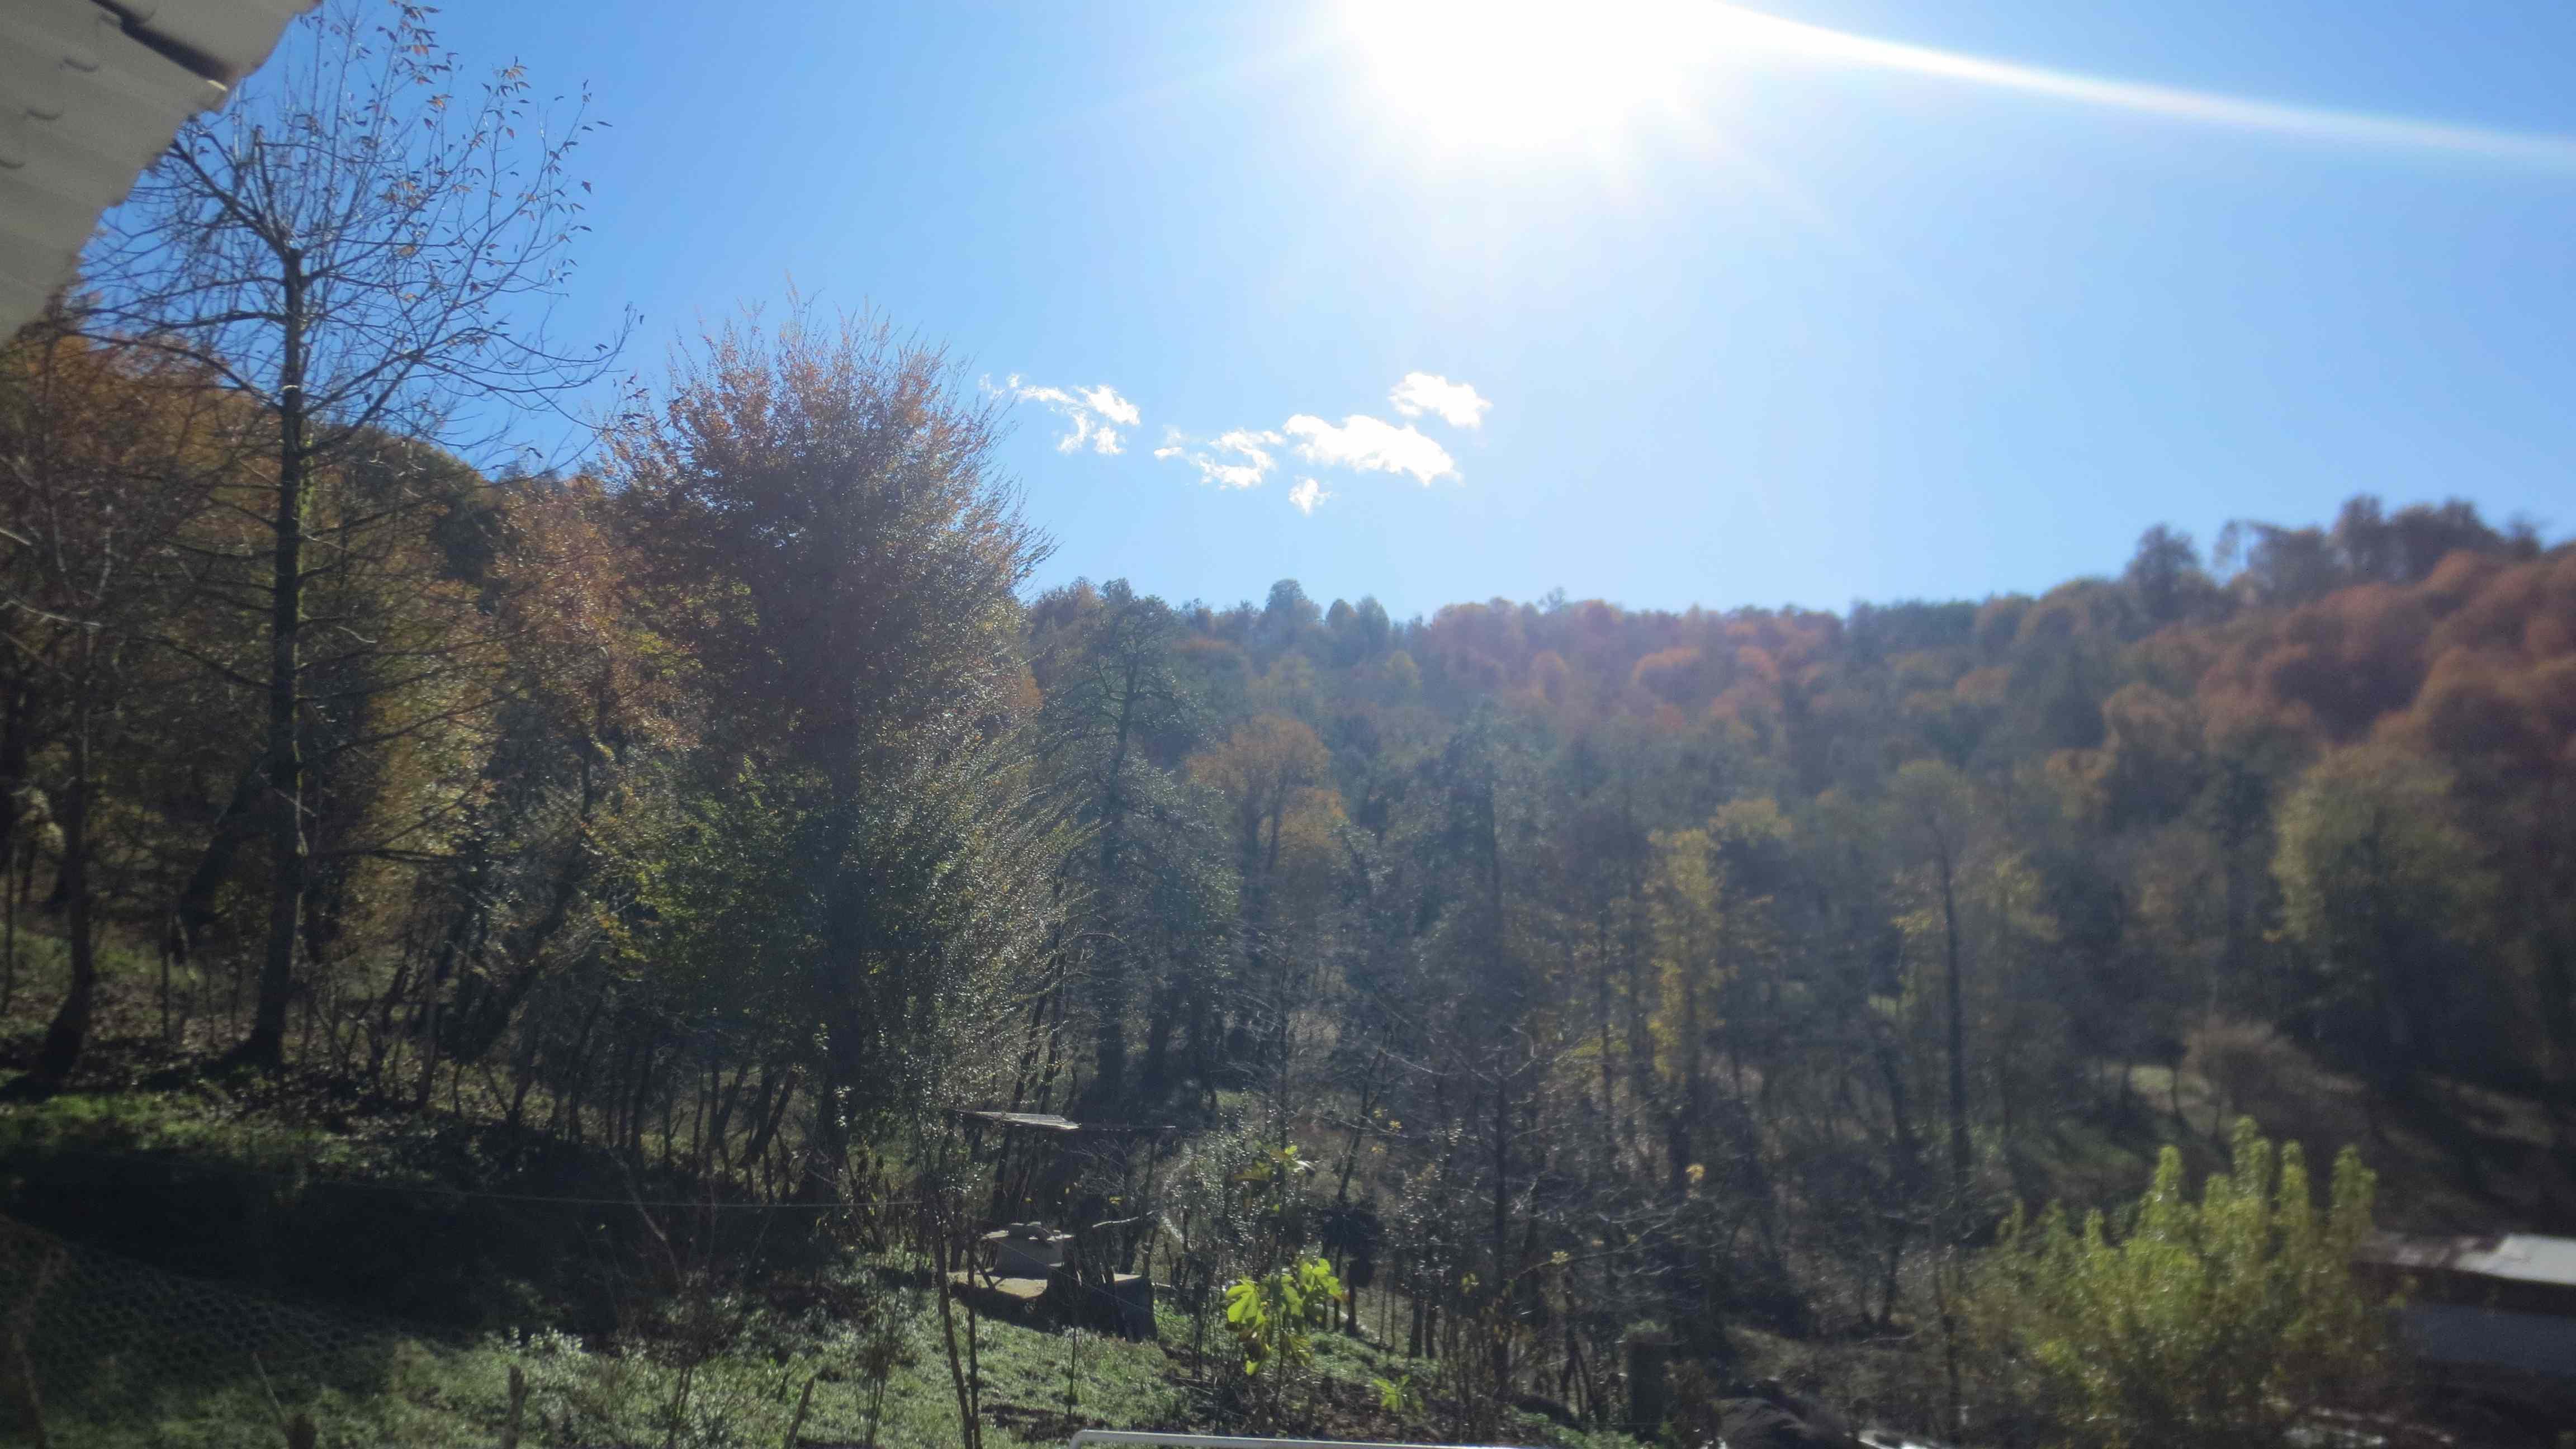 جنگلی ویلا جنگلی در درزیکلا شیرگاه